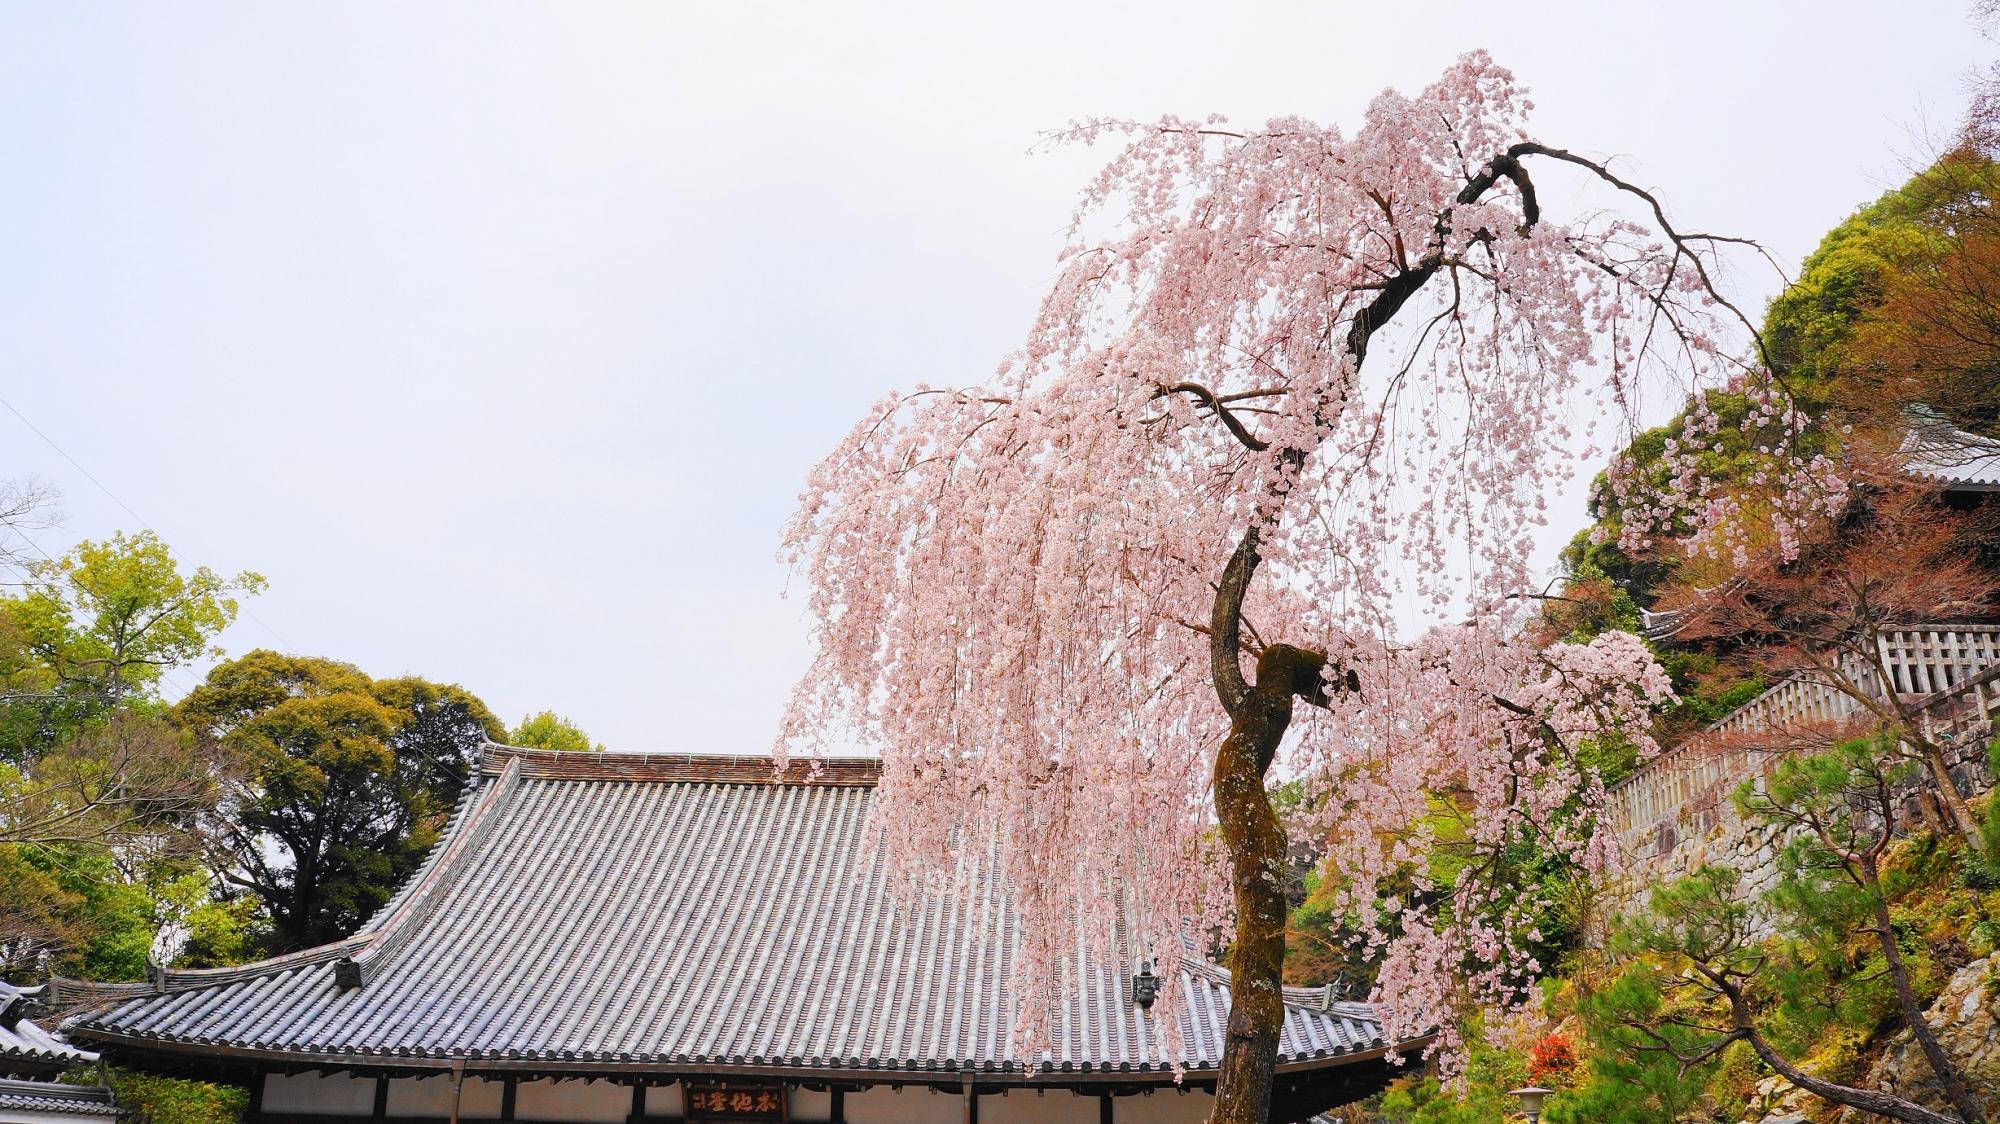 知恩院 勢至堂 御廟 しだれ桜 満開